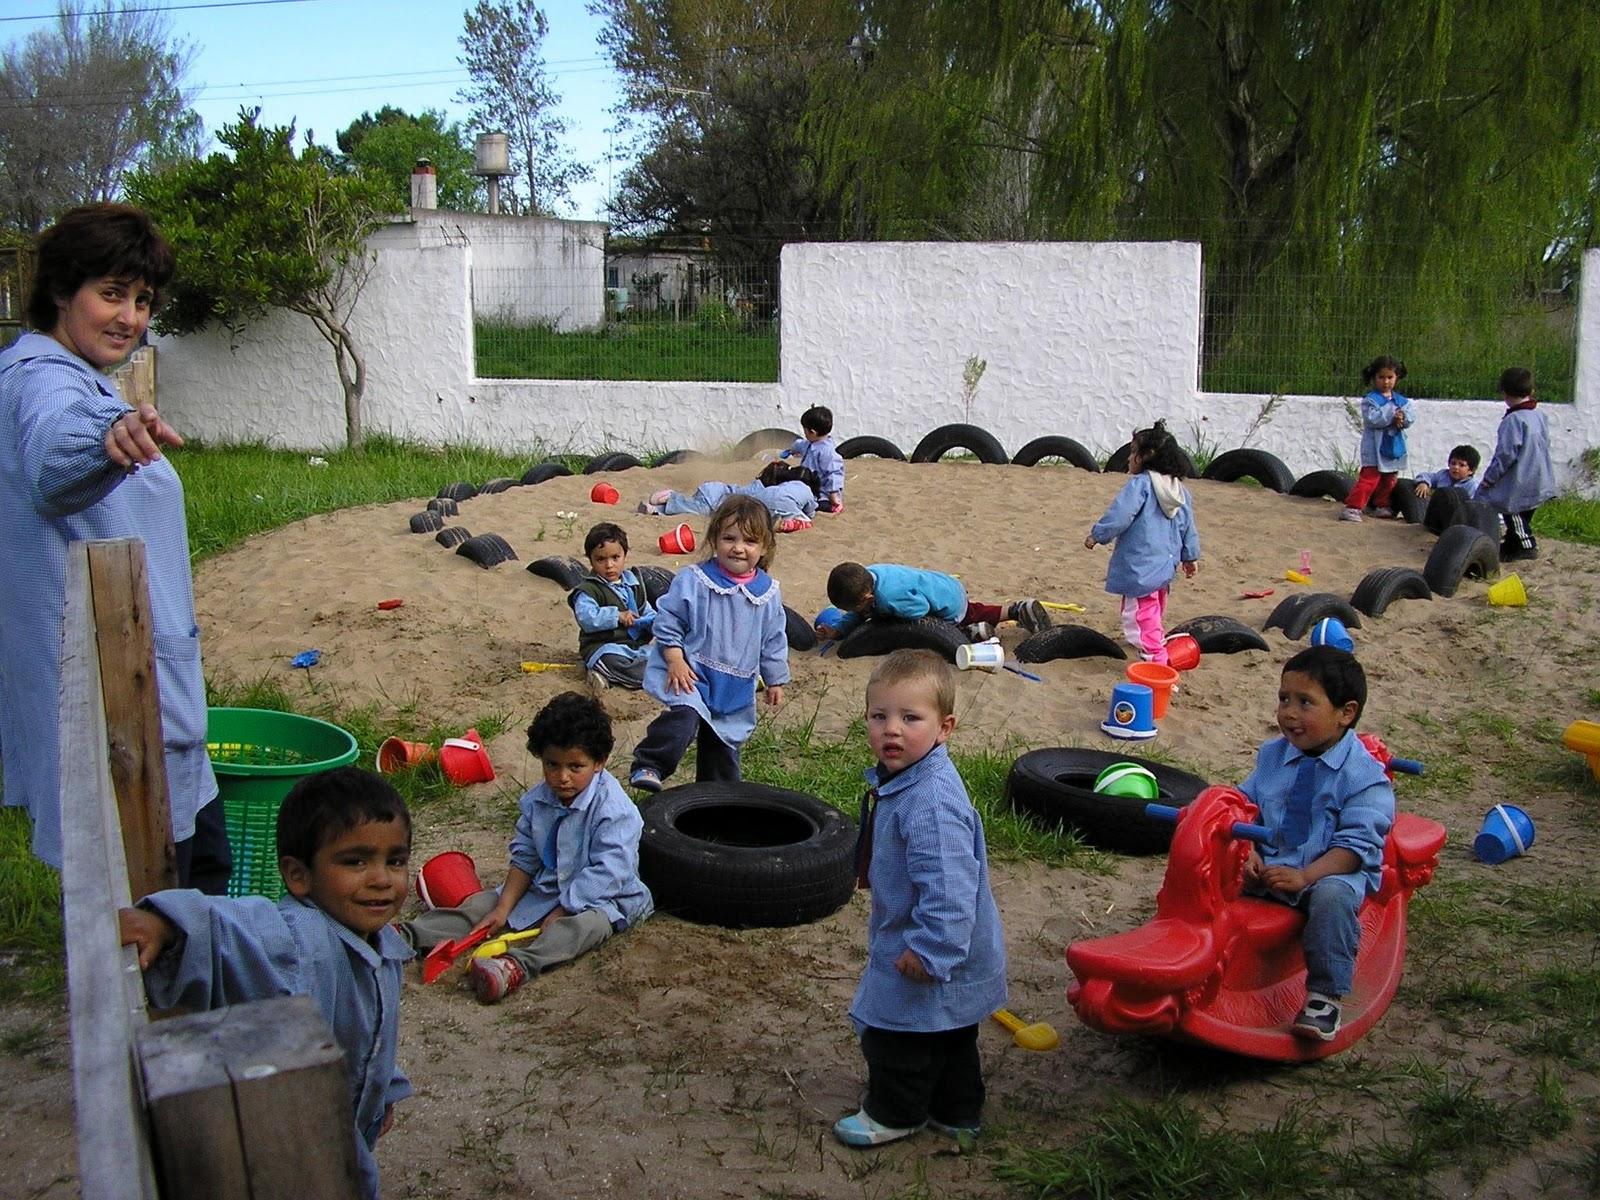 Preescolar Y Jardin De Infantes: La Enseñanza En El Jardin Maternal